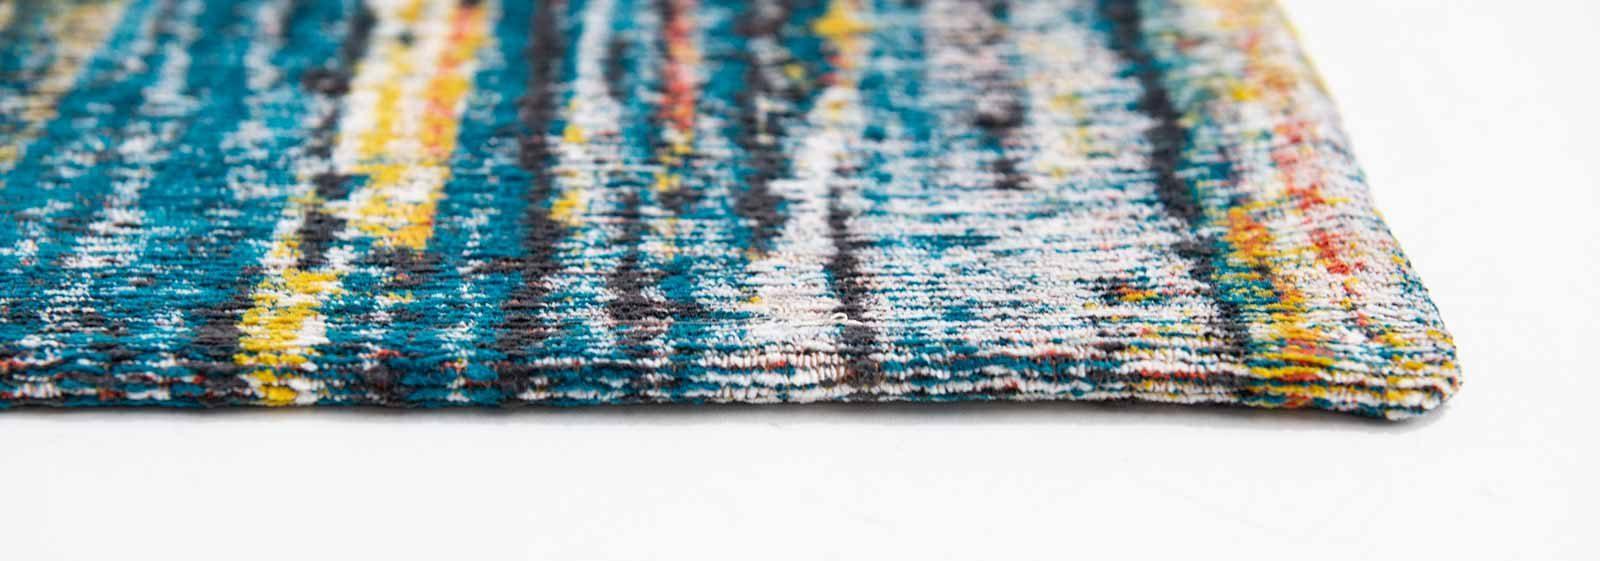 vloerkleed Louis De Poortere LX 8871 Sari Myriad side